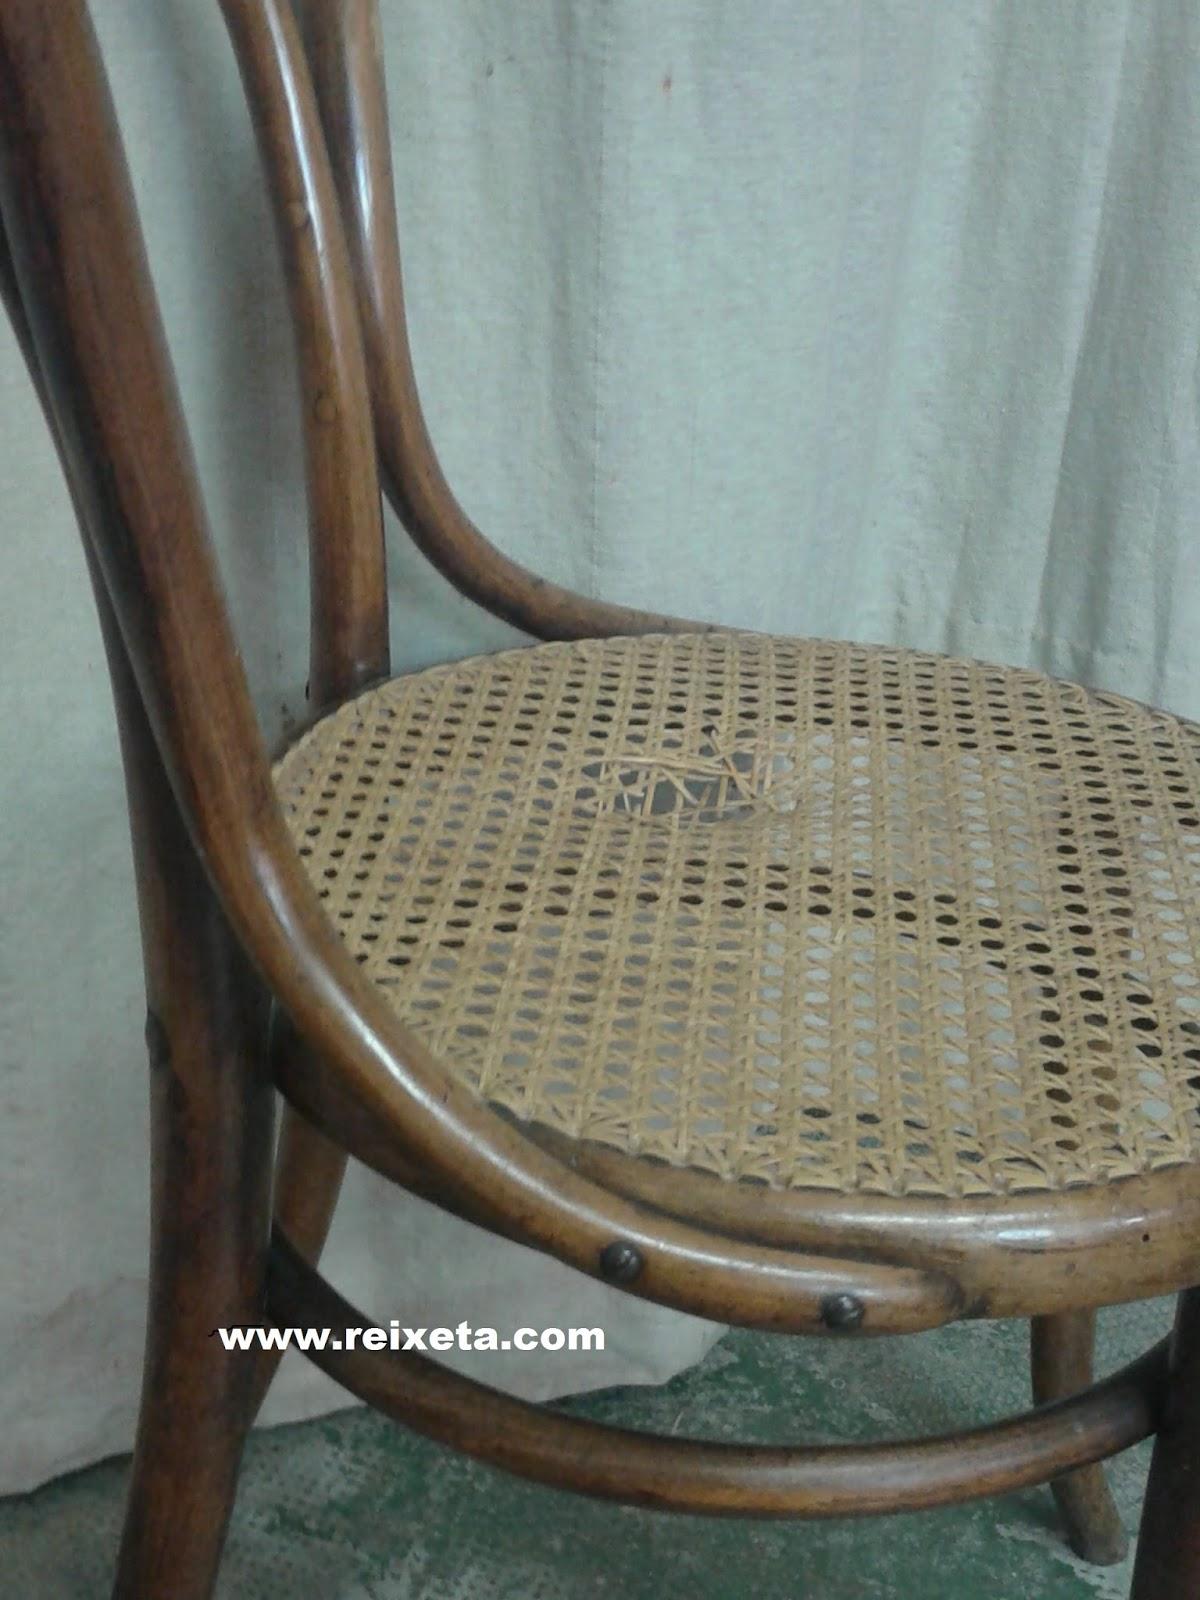 Reixeta i restauraci cadira n 30 de jacob josef kohn - Cadira barcelona ...